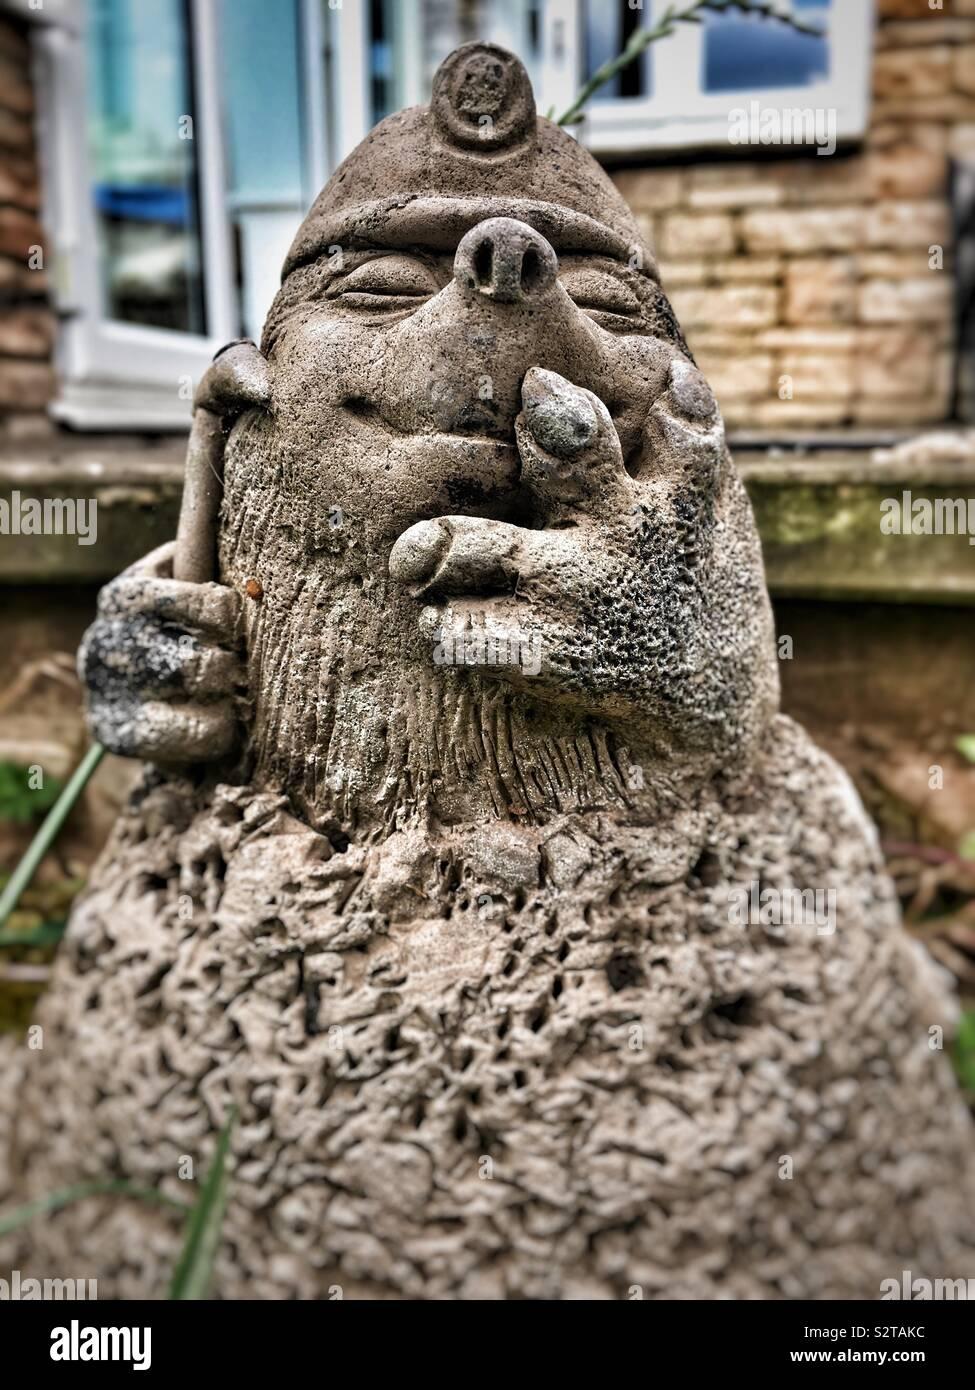 Small mining mole stone garden ornament